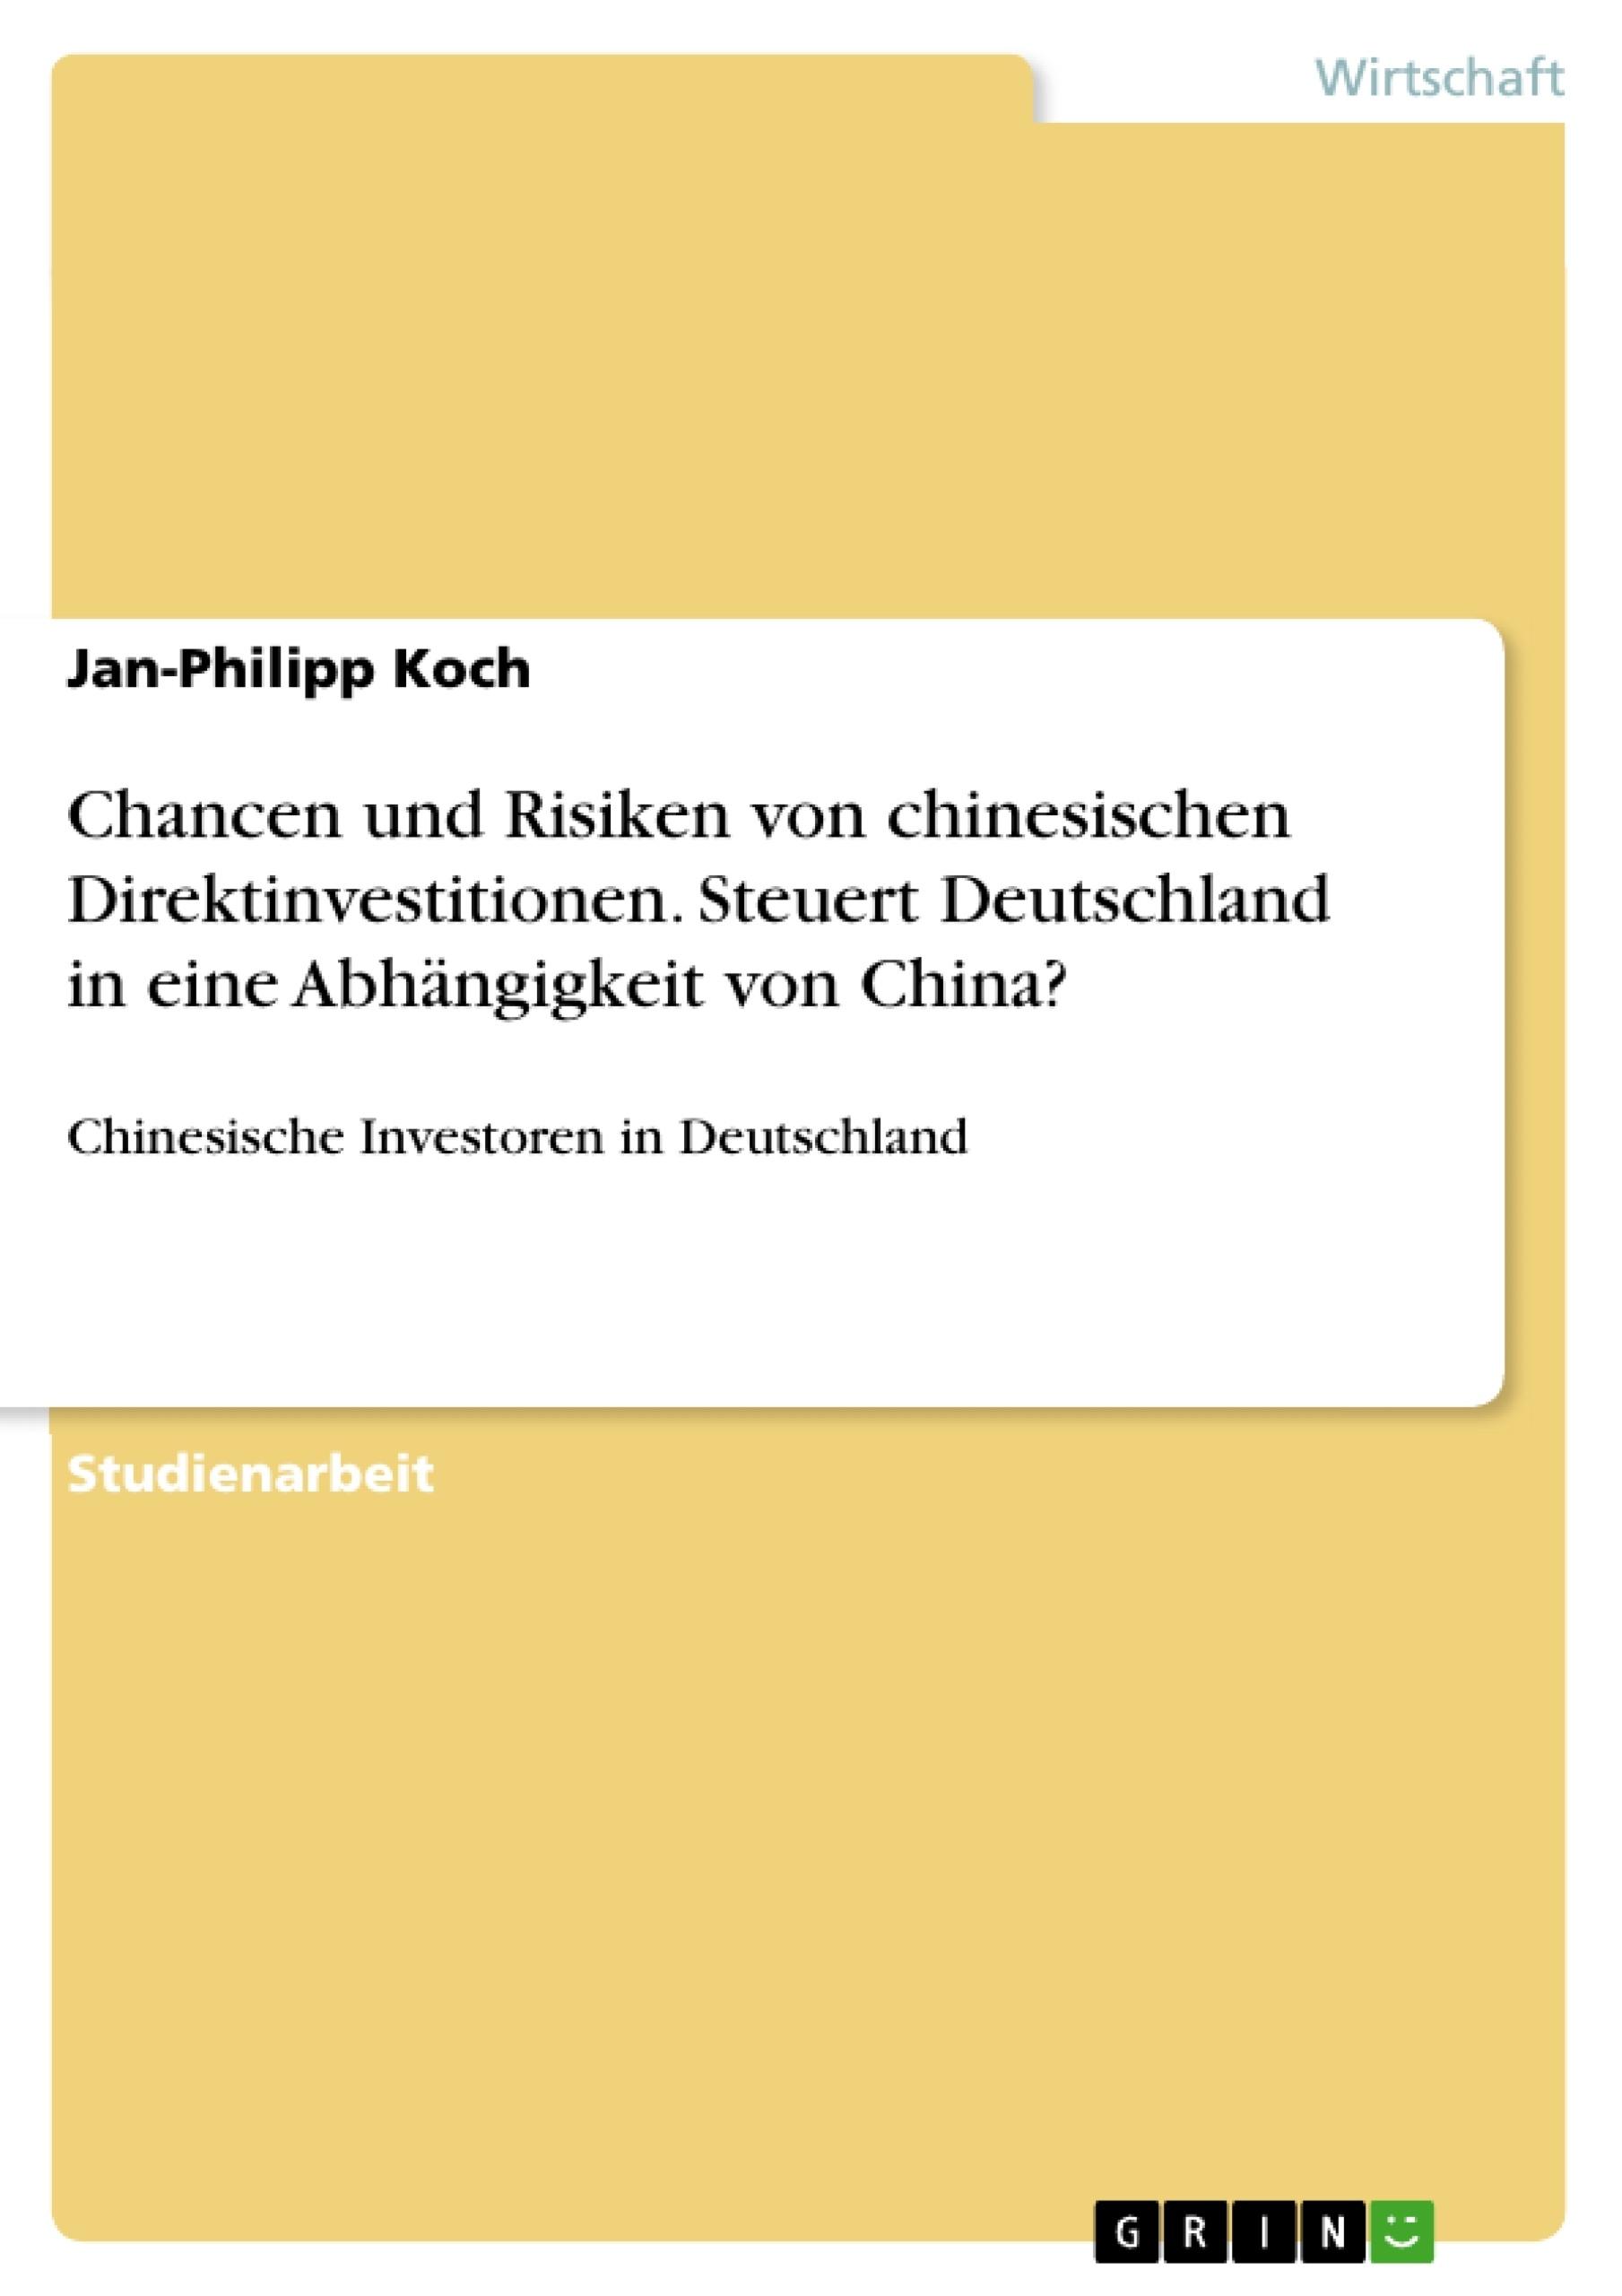 Titel: Chancen und Risiken von chinesischen Direktinvestitionen. Steuert Deutschland in eine Abhängigkeit von China?